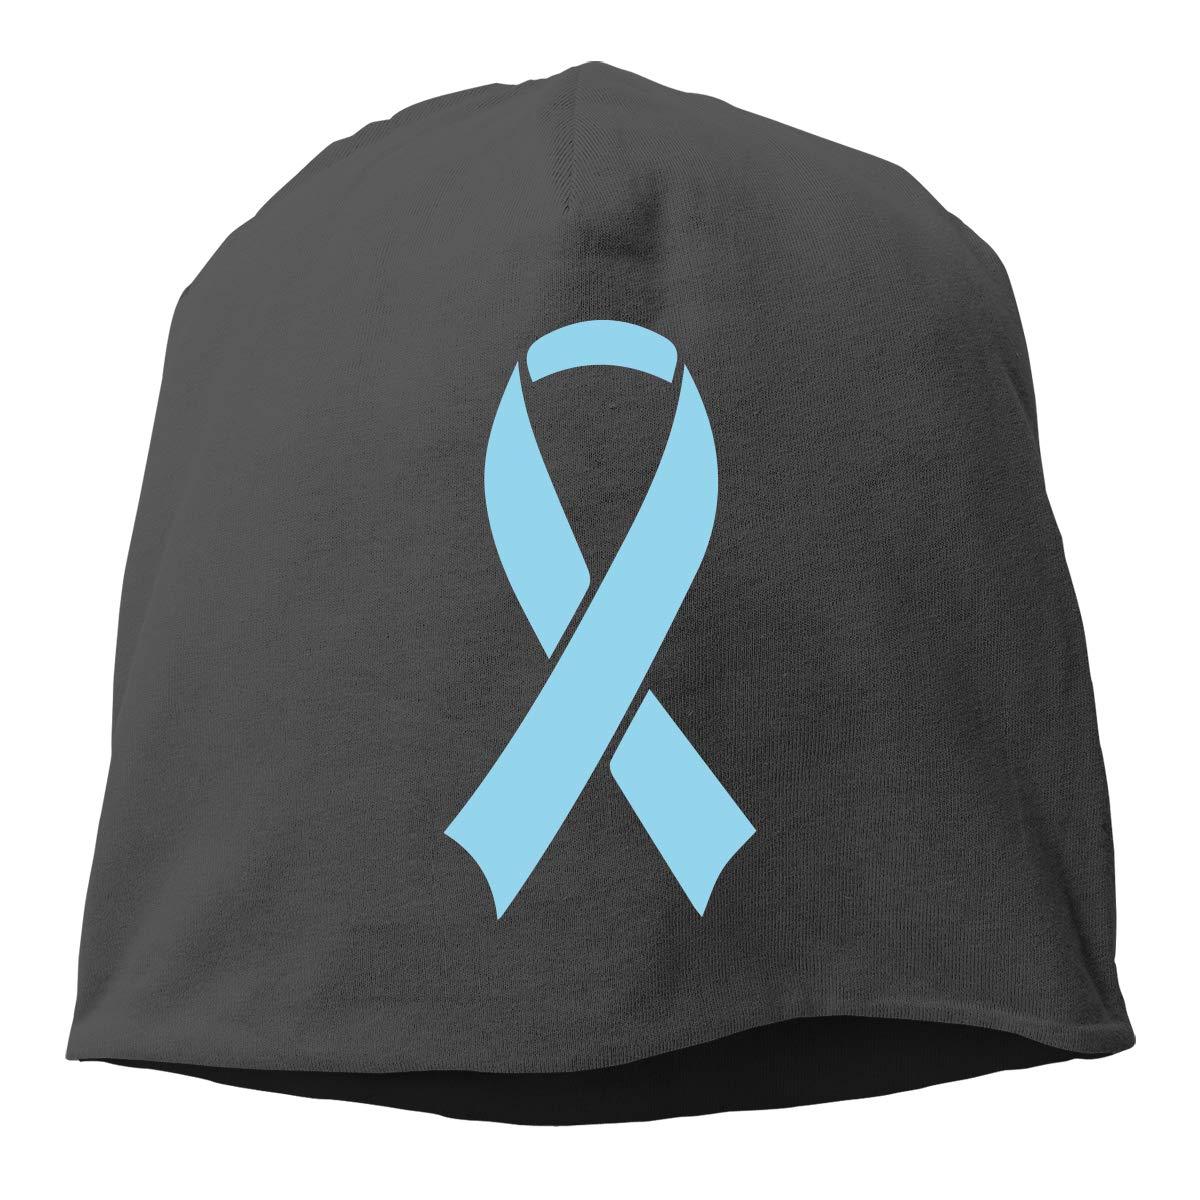 Winter Warm Knit Hat TLPM9LKMBM Prostate Cancer Awareness Ribbon Beanie Skull Cap for Women and Men